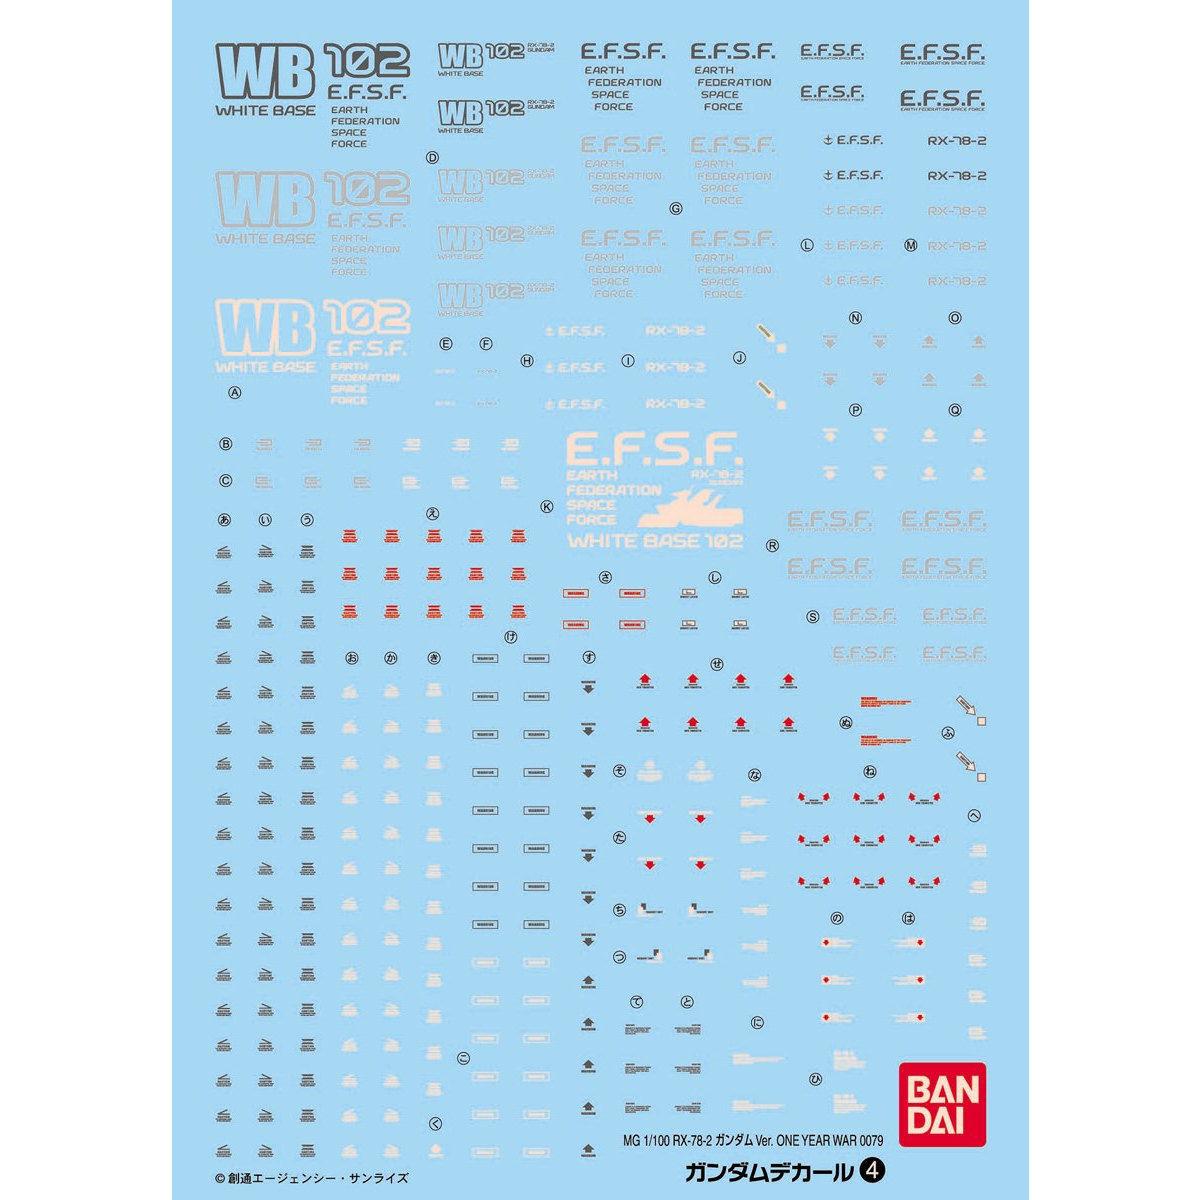 ガンダムデカール 1/100 MG RX-78-2「ガンダム Ver.ONE YEAR WAR 0079」用